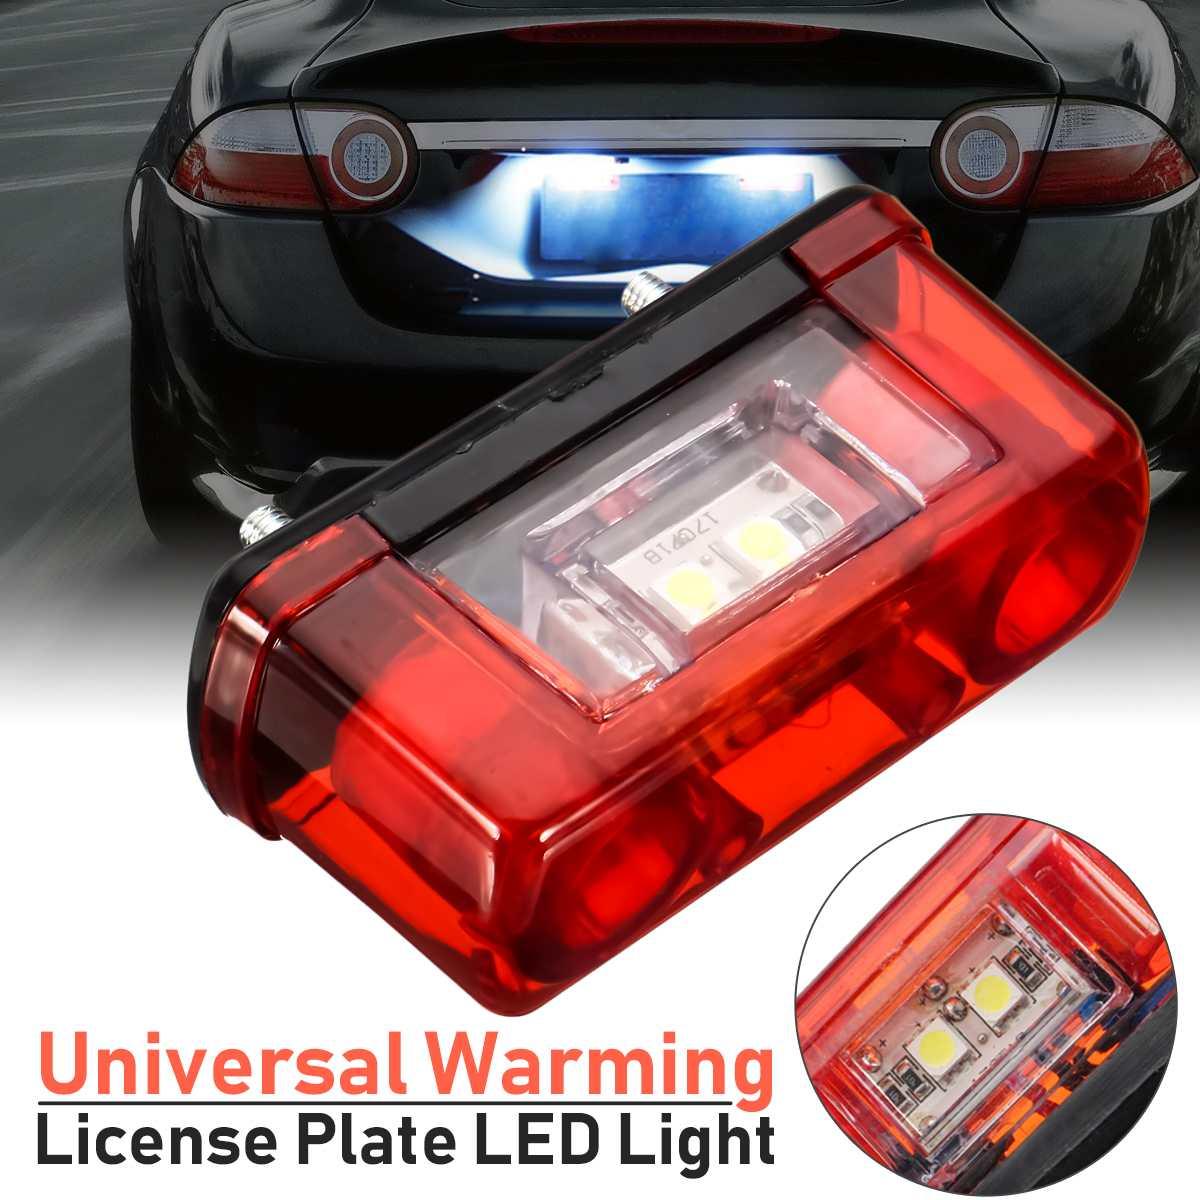 ใหม่ 12 v 24 v รถ Led จำนวนใบอนุญาต Light Plate Universal Led ใบอนุญาตรถบรรทุกรถพ่วงรถบรรทุกไฟท้ายด้านหลัง